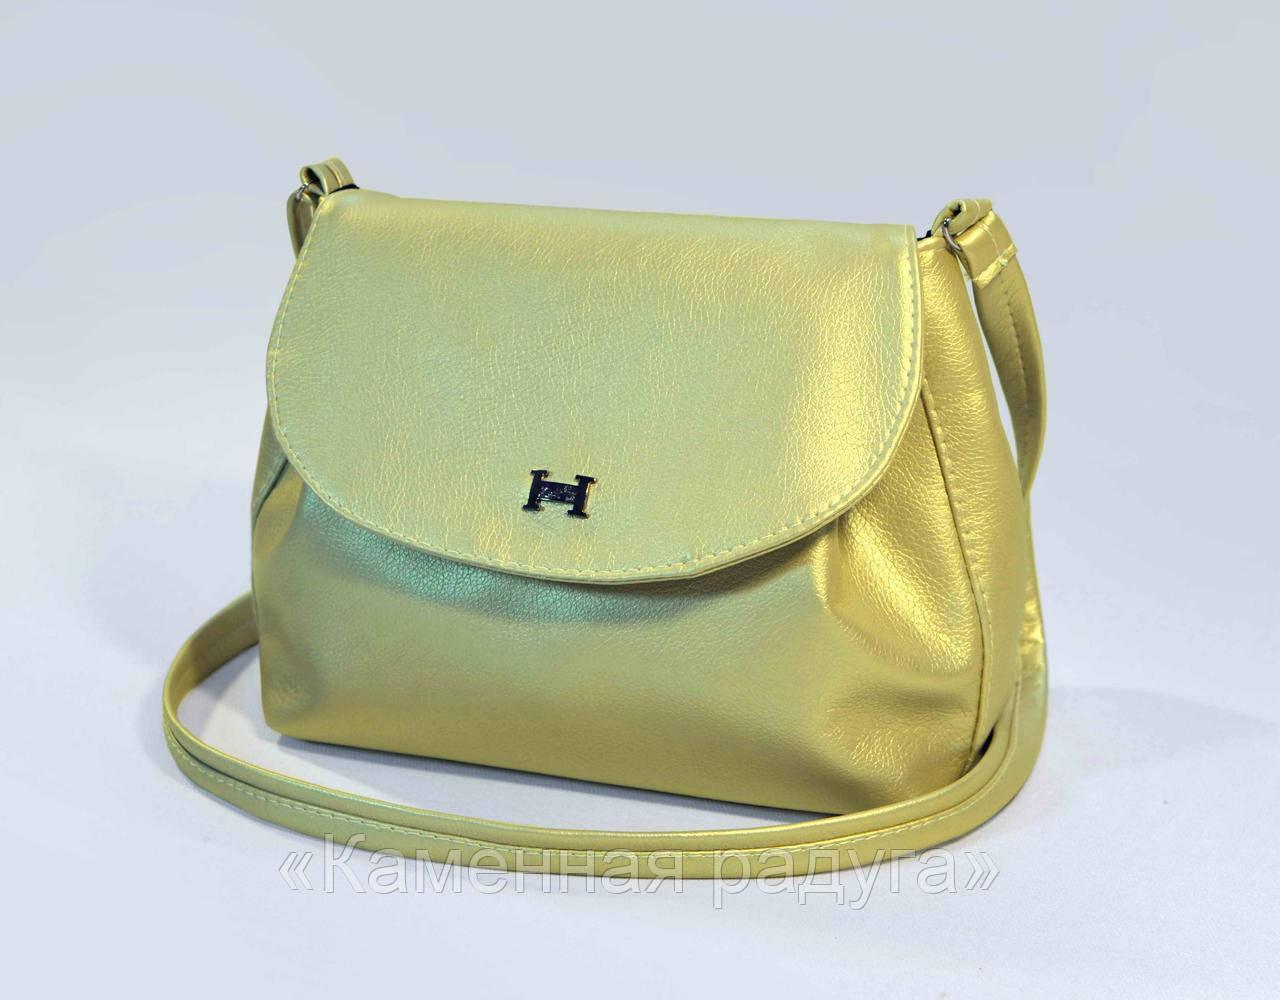 Стильная золотисто-перламутровая сумочка кроссбоди